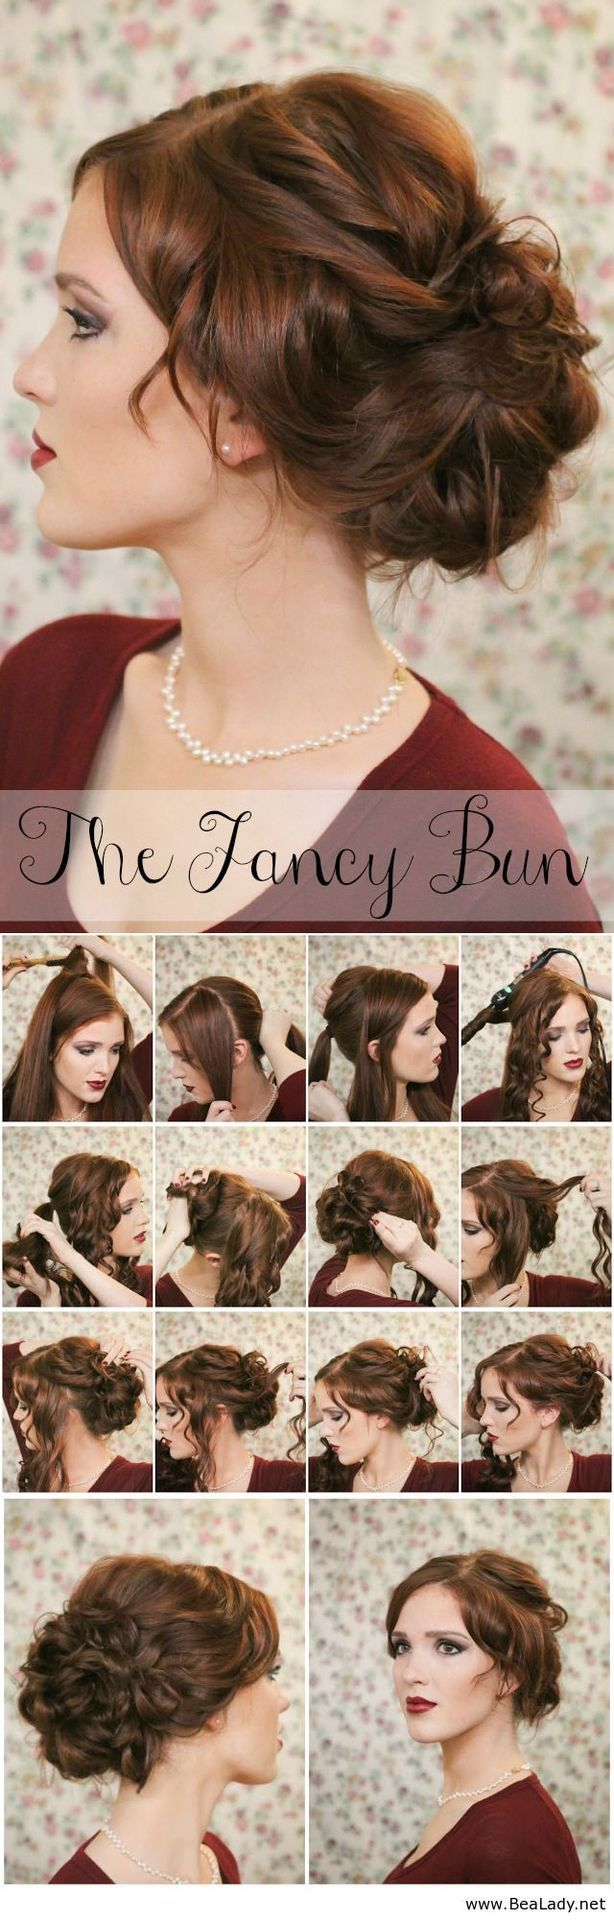 Fancy bun